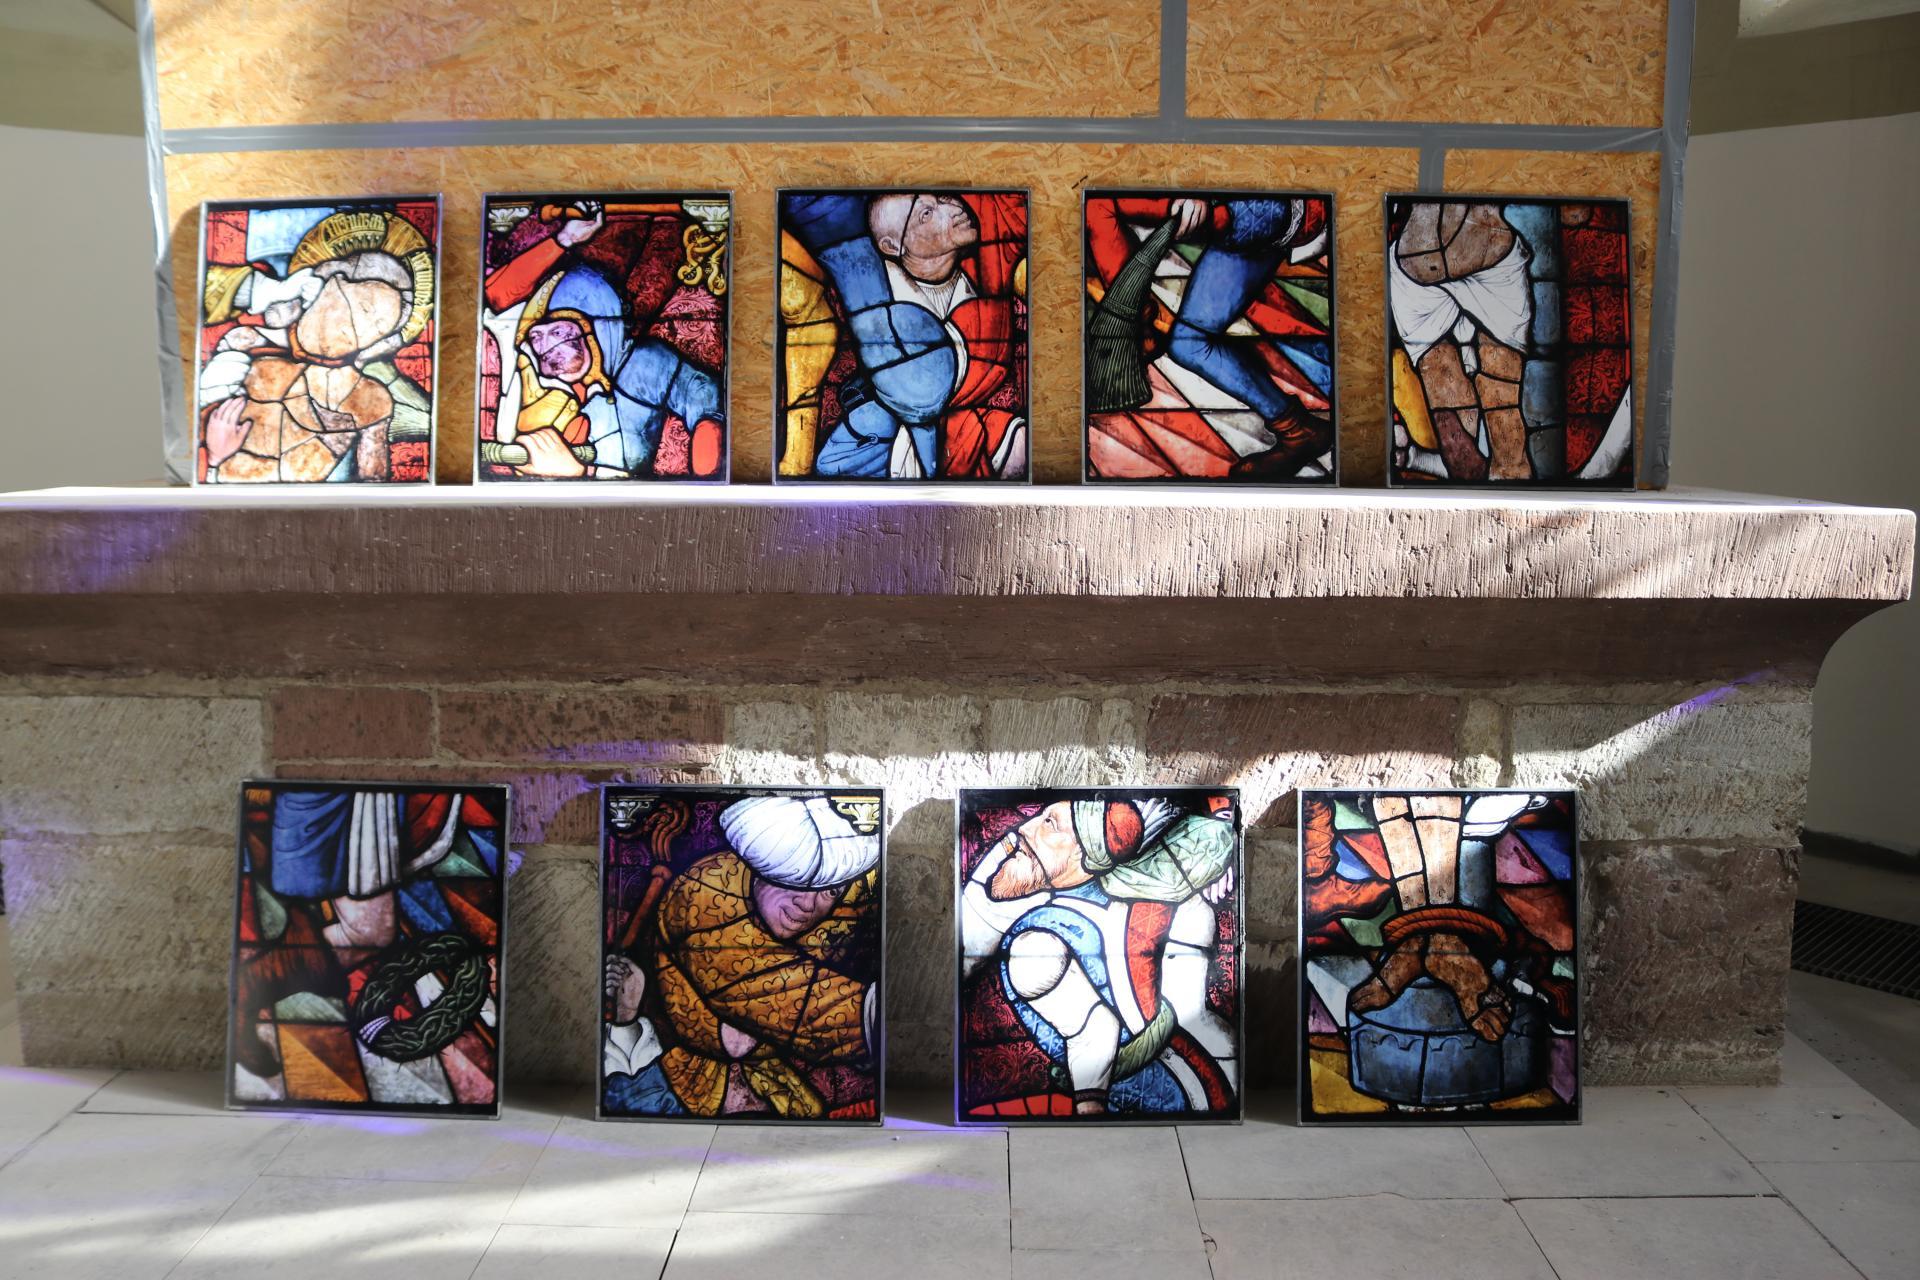 Mittelalterliche Glasmalereien aus der St. Sixti-Kirche zur  Passionsgeschichte: Hier die neun Felder zur Geißelung Jesu. Foto: Jan von Lingen